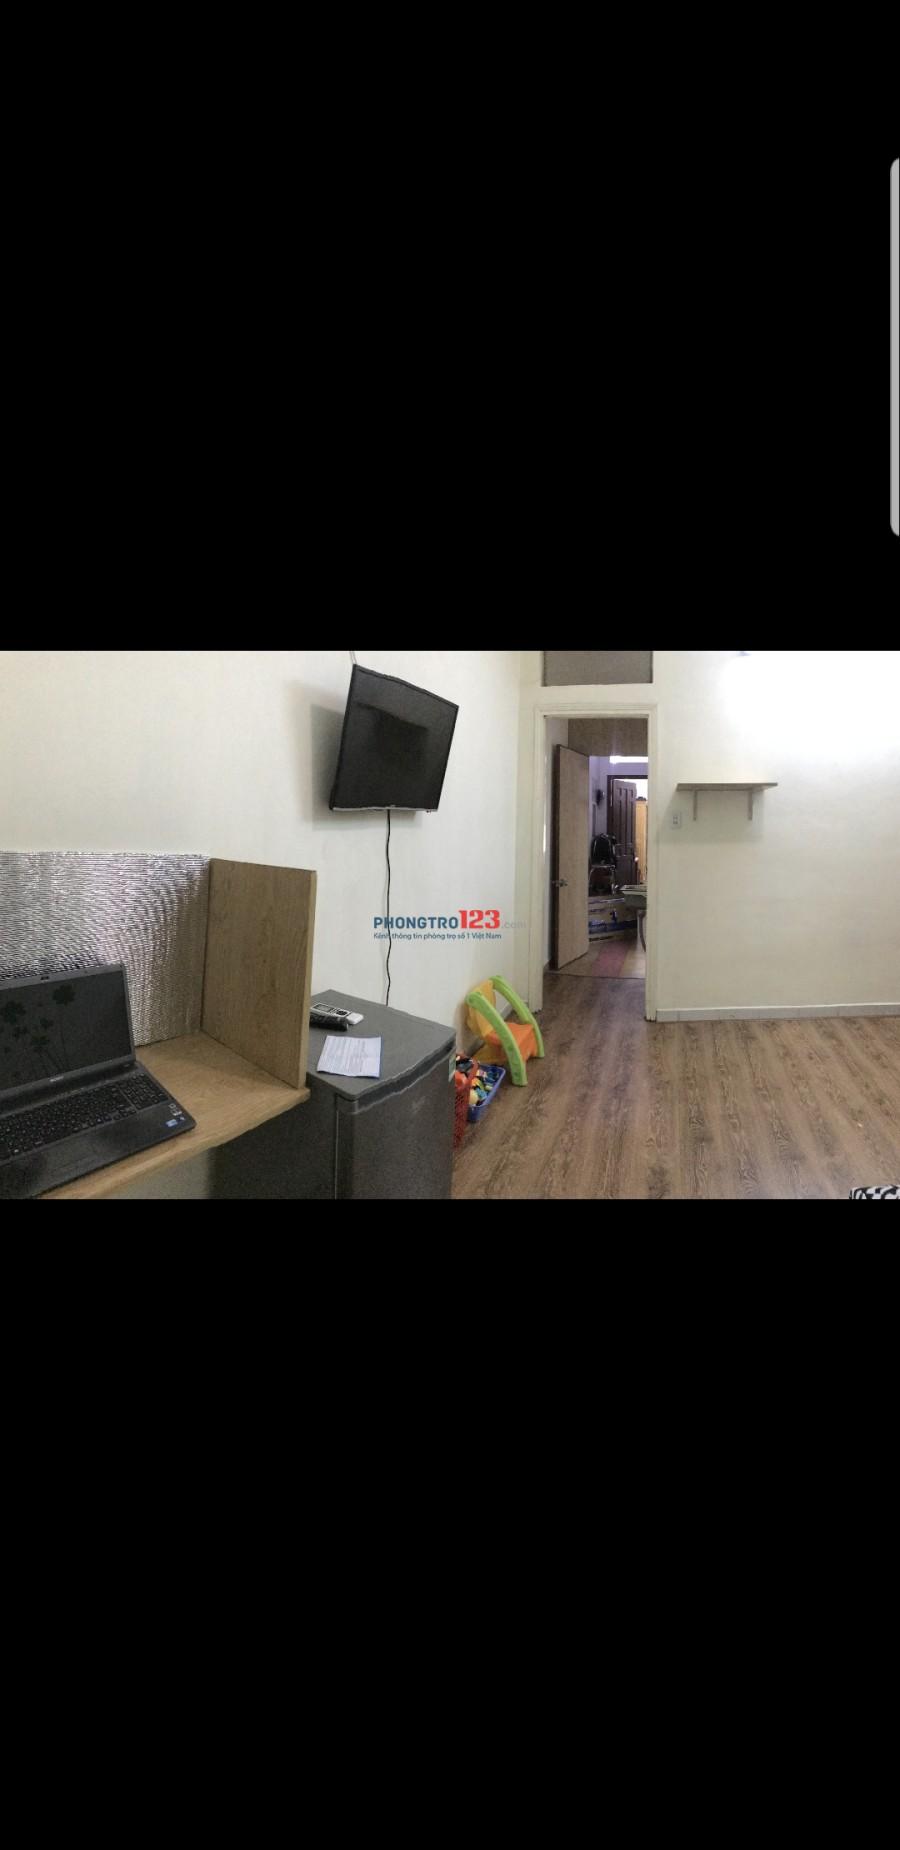 Phòng 30m2 đầy full nội thất cao cấp trung tâm Quận 10.có máy giặt xài free